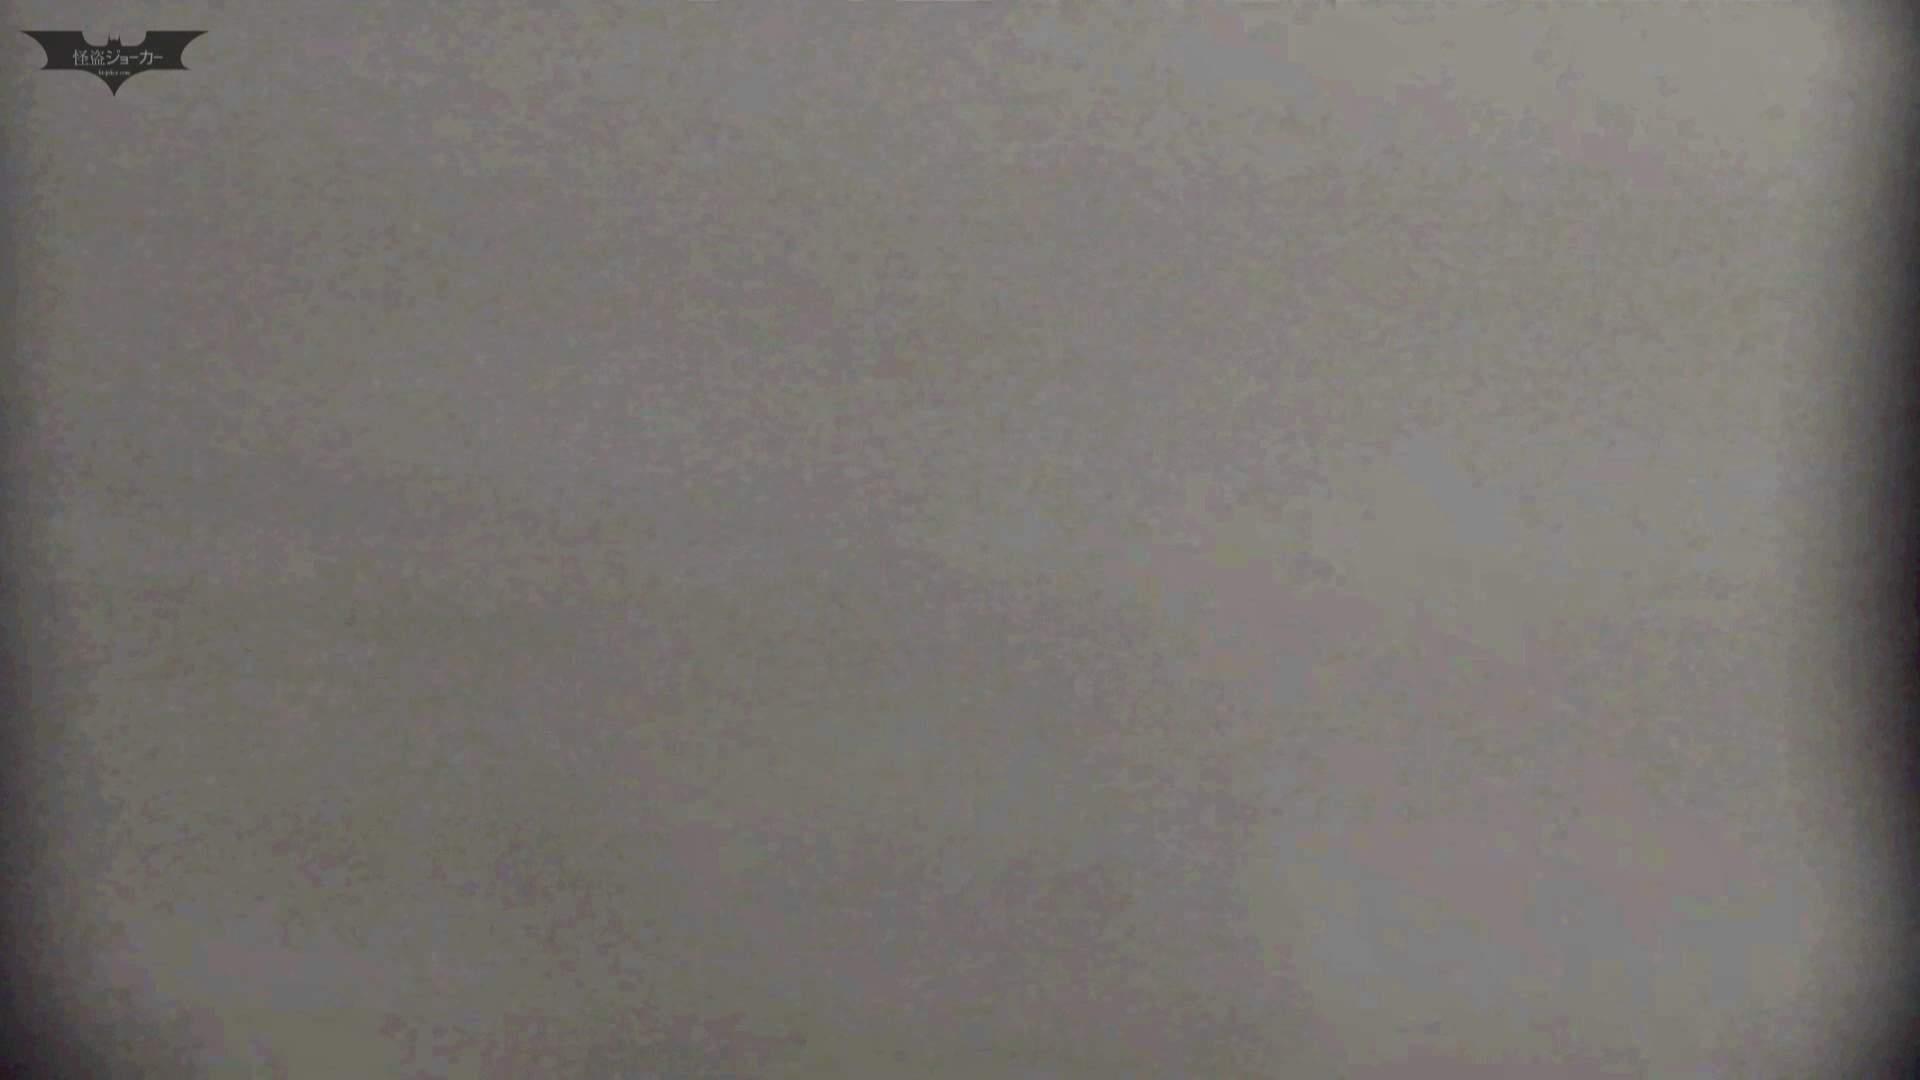 洗面所特攻隊 vol.68 前回のスーパー美女がついに【2015・14位】 洗面所着替え   OL  97連発 63